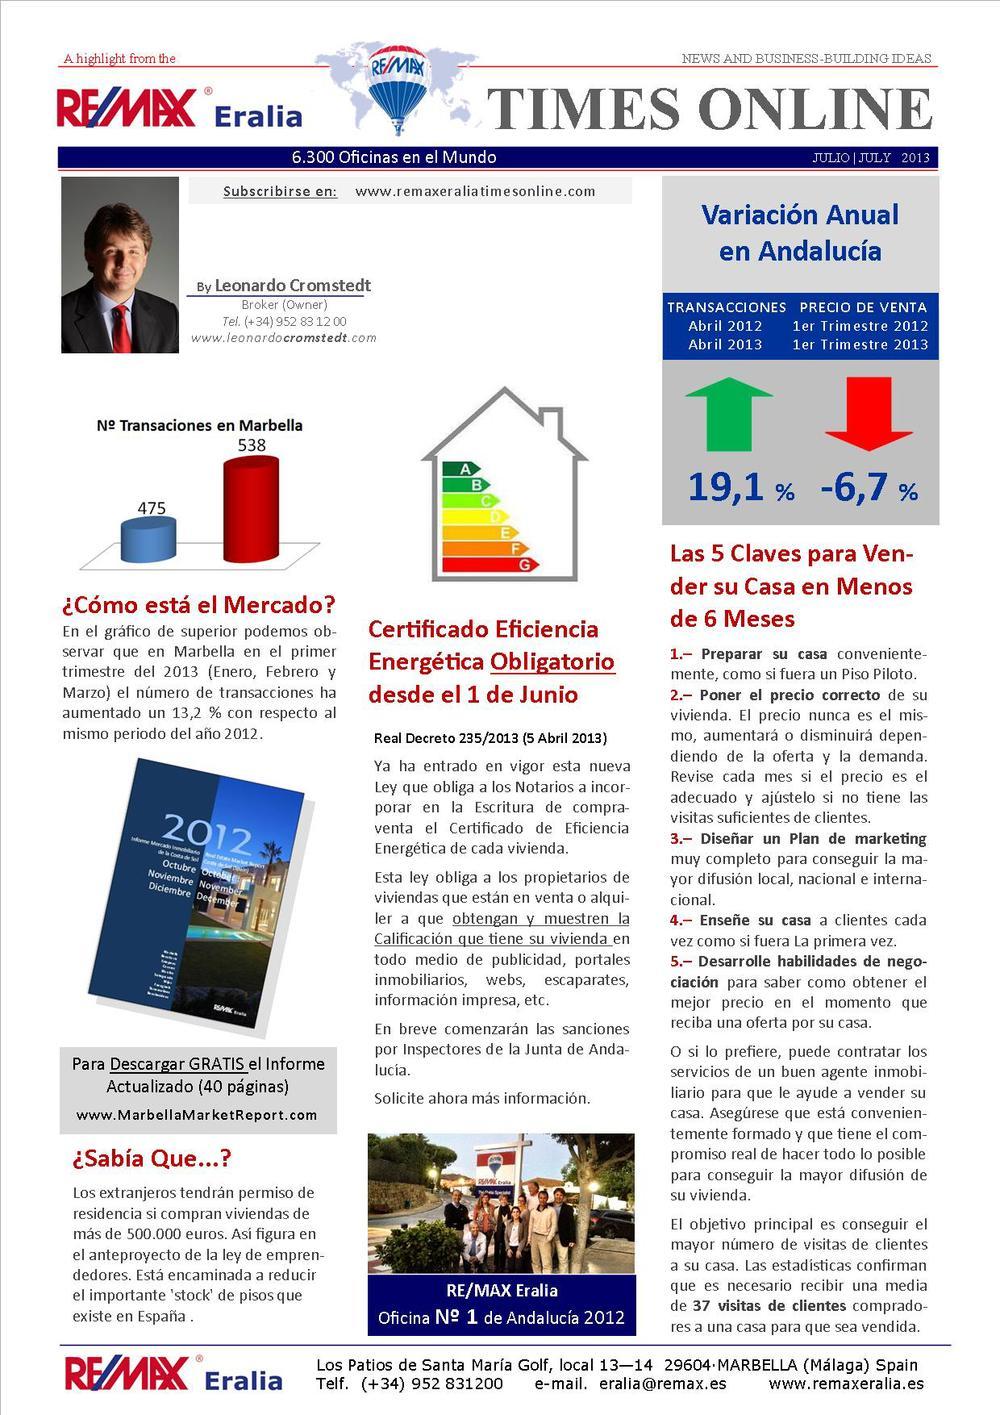 REMAX Eralia Times Online (Julio 2013) ESP.jpg